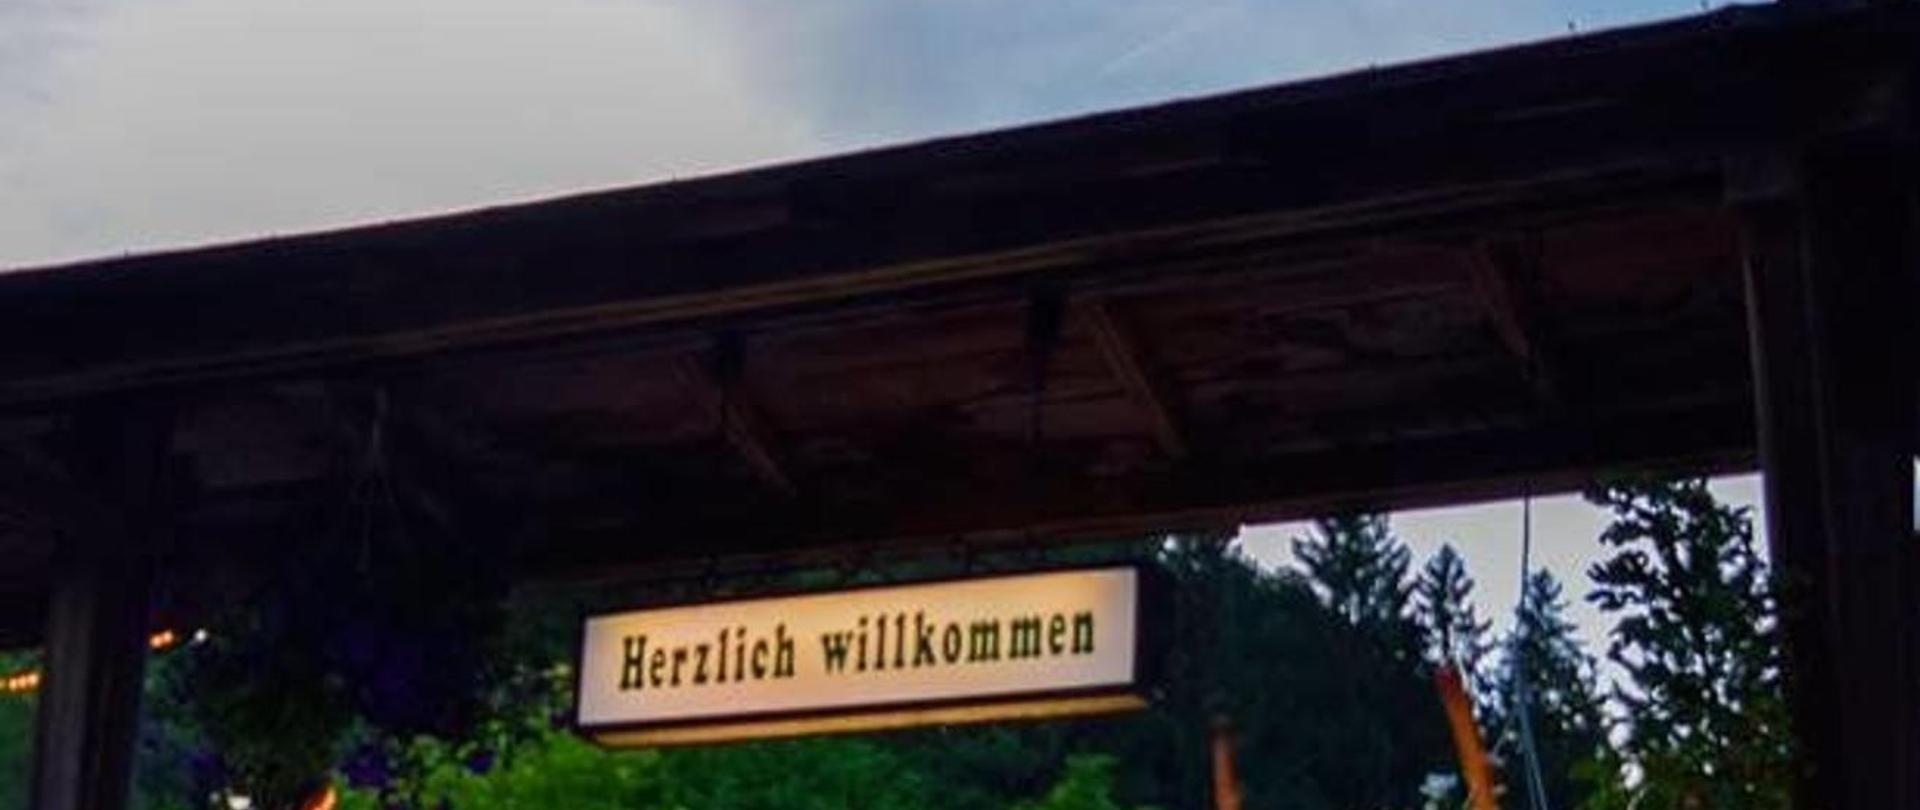 Willkommen in Restaurant Thalersee Graz.jpg